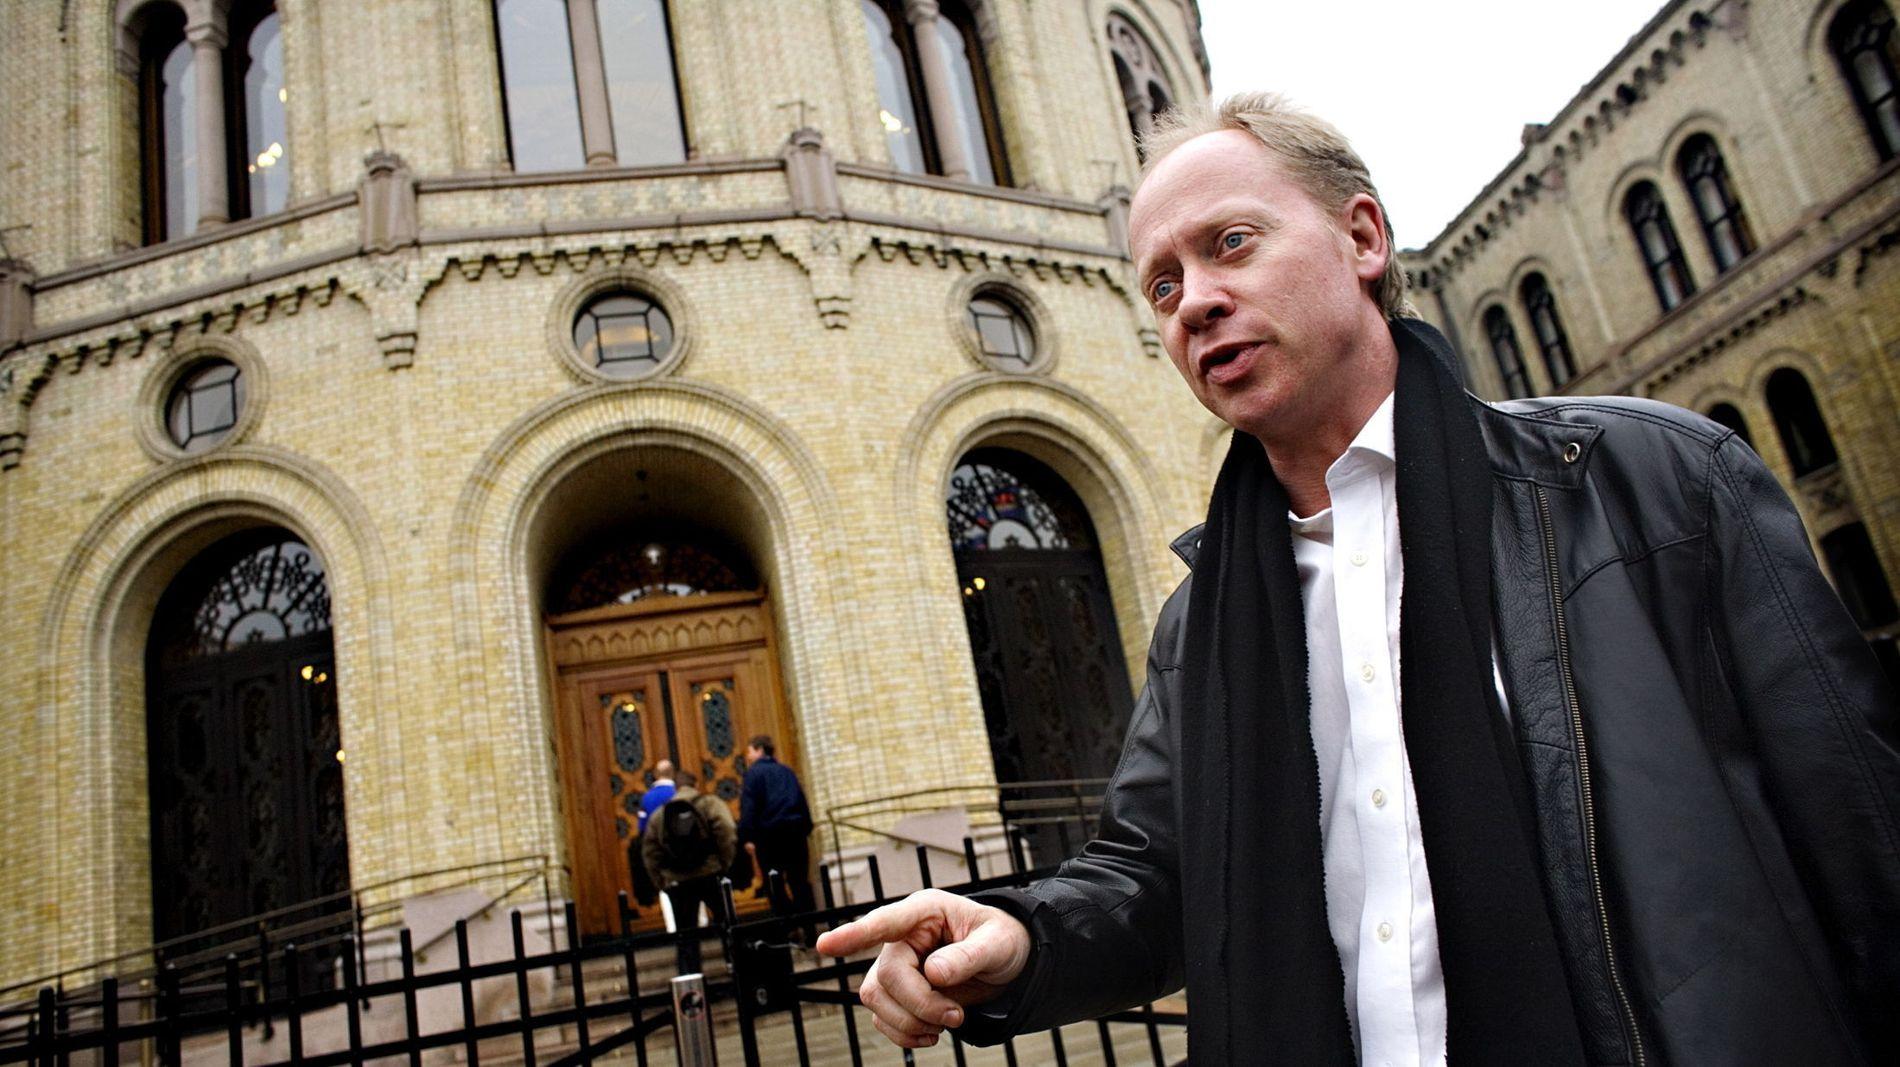 KLAR: Fremskrittsparti-politiker Jan Arild Ellingsen sier han forventer at regjeringen får oljepengebruken opp til fire prosent i statsbudsjettet.